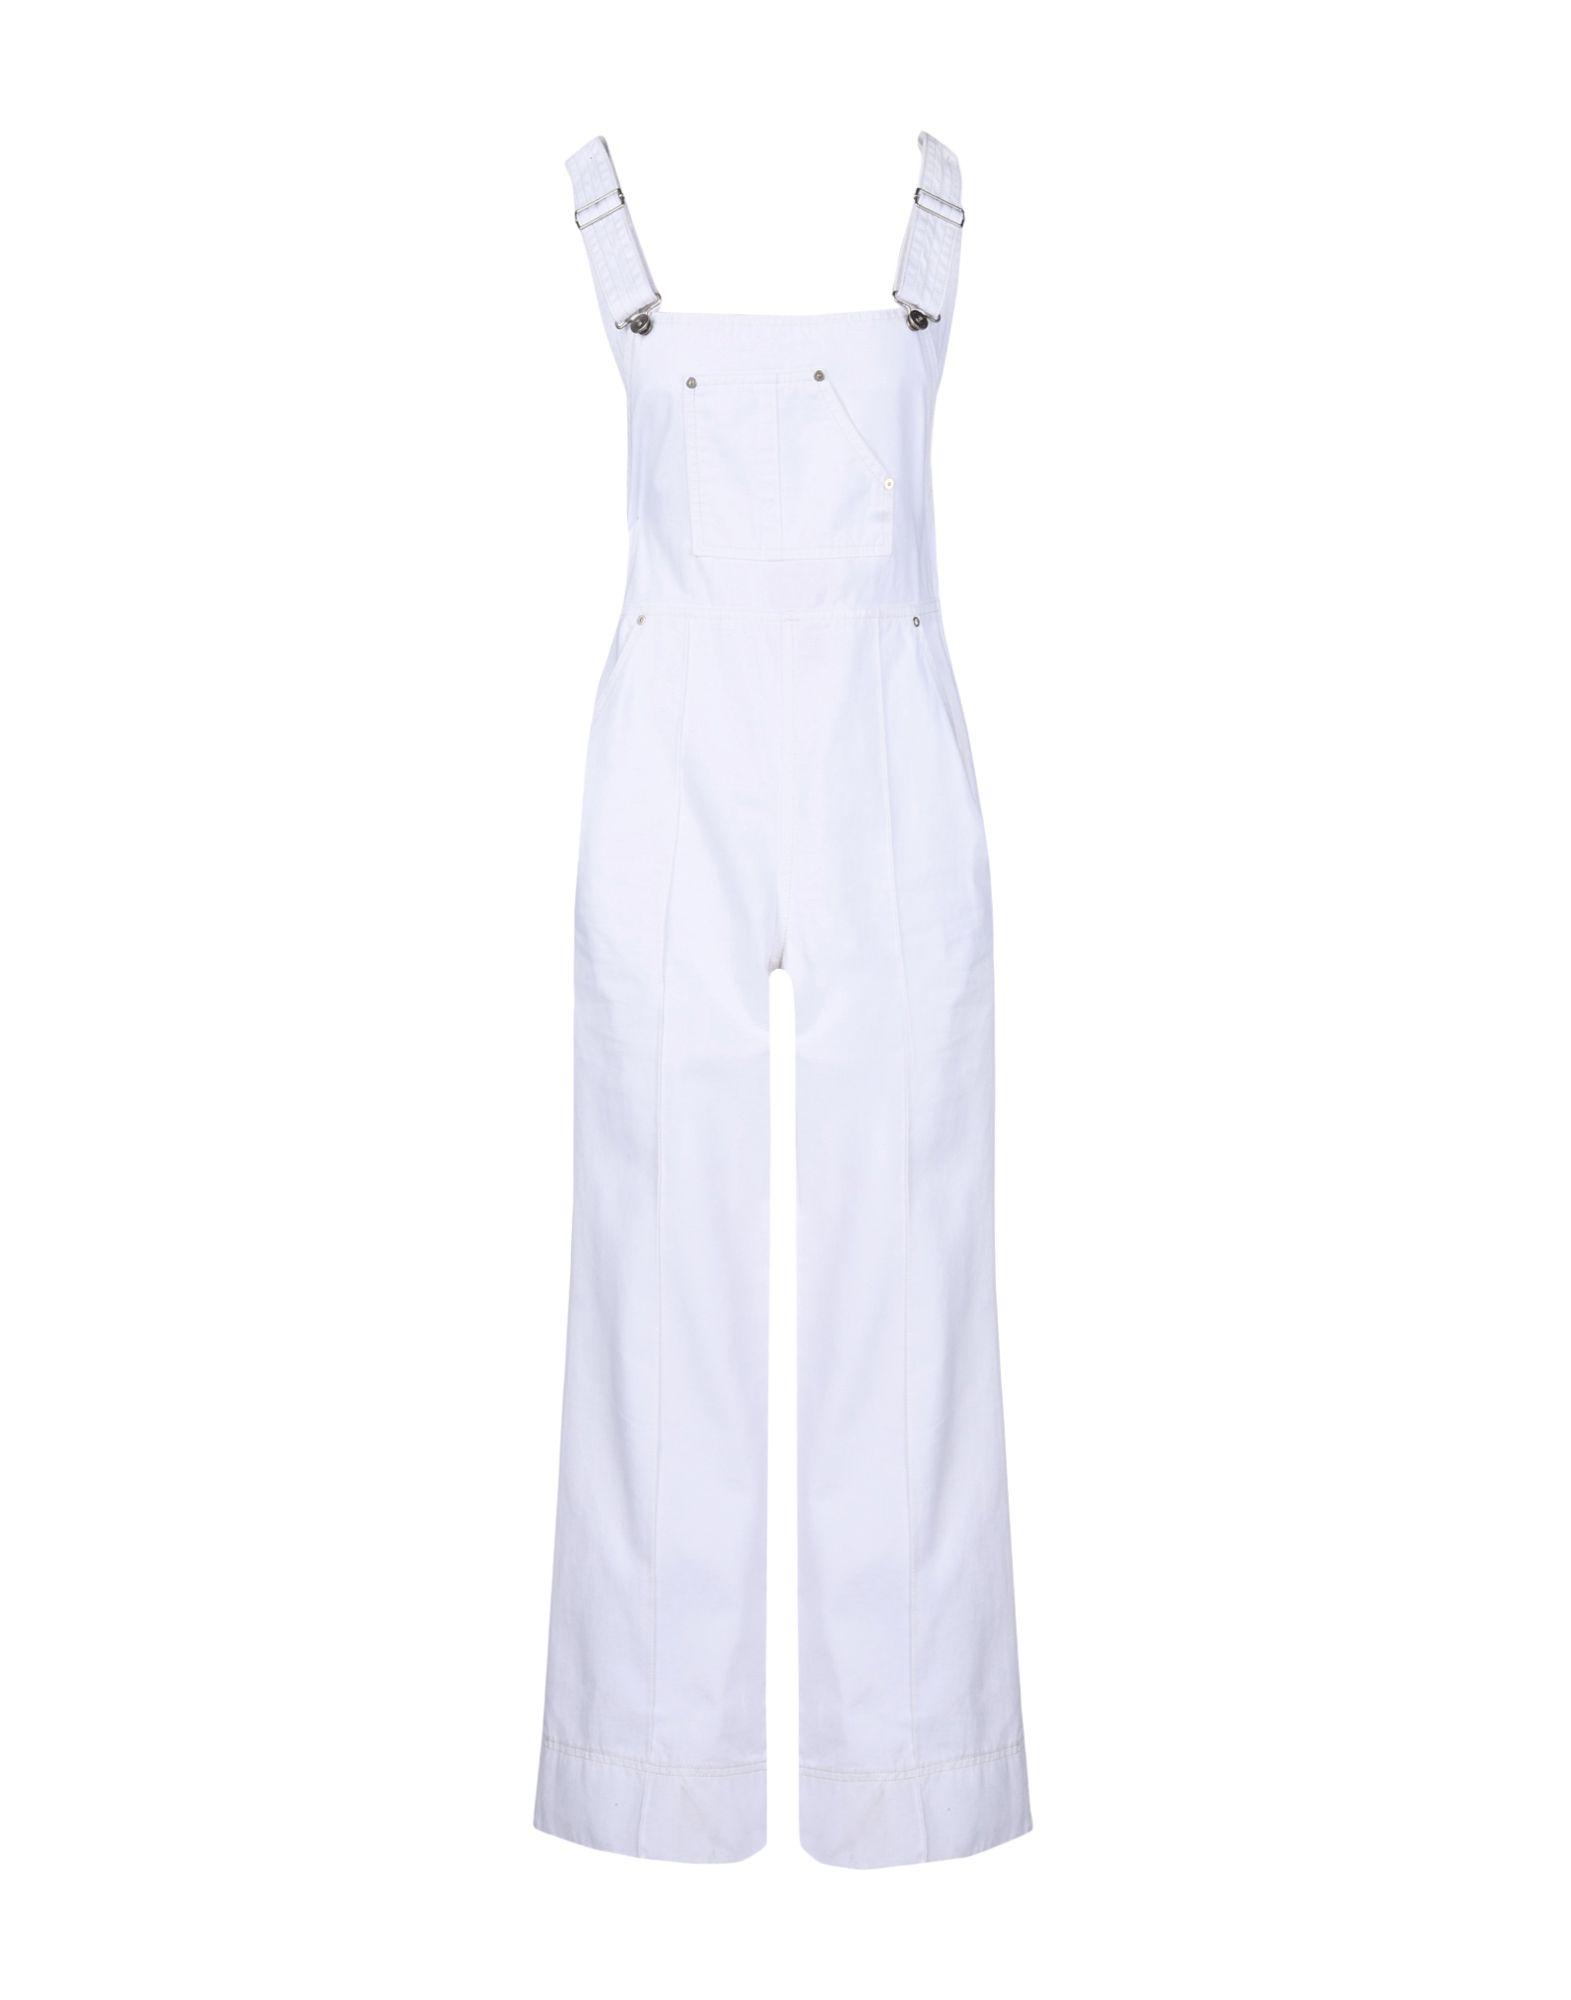 《期間限定セール中》LUCKY CHOUETTE レディース パンツジャンプスーツ ホワイト 36 コットン 100%